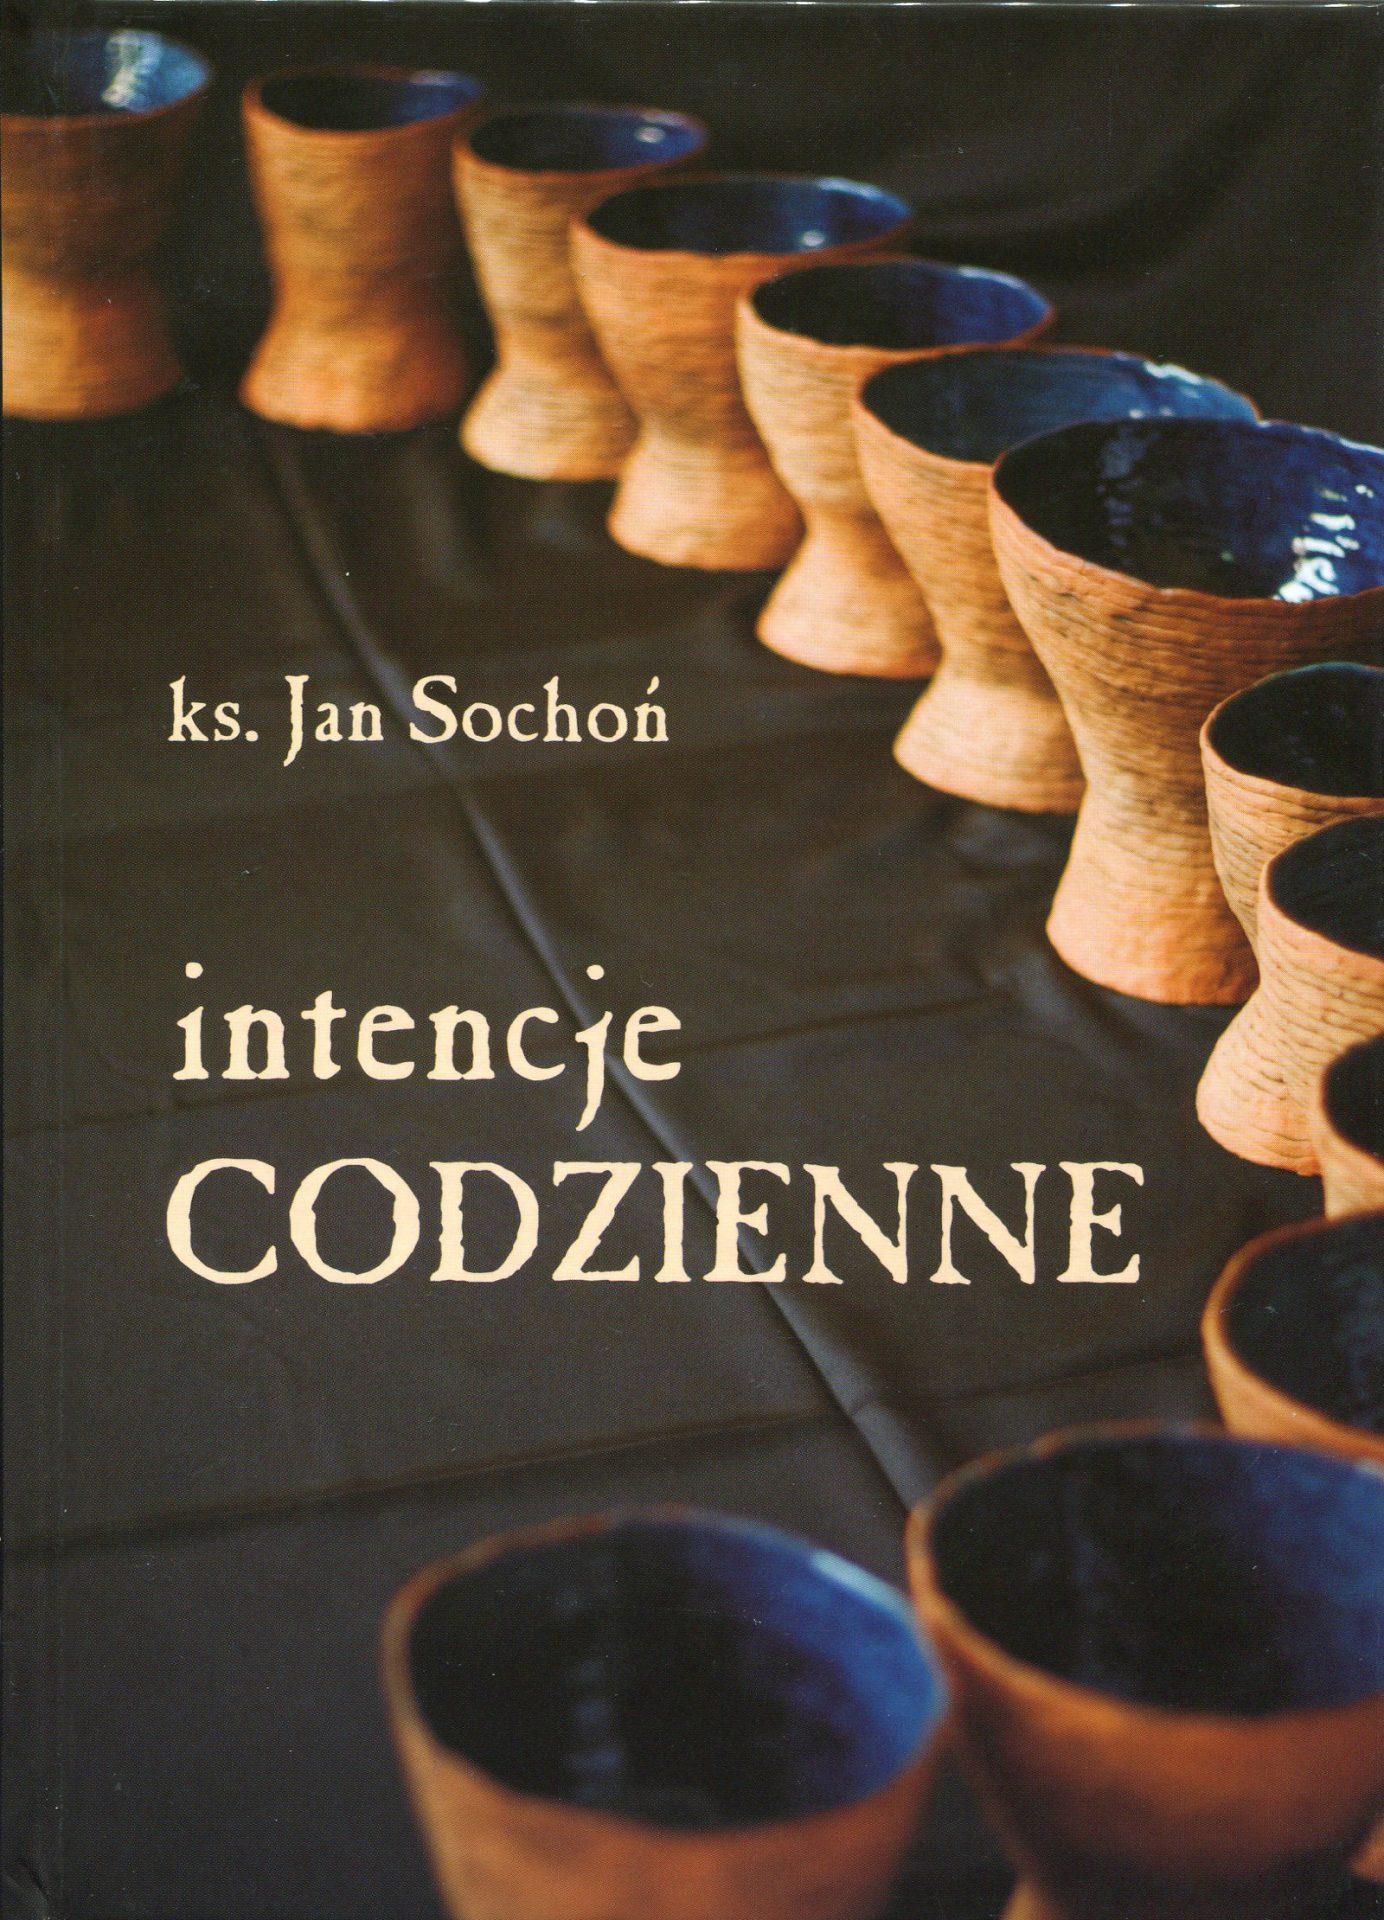 Intencje codzienne - Jan Sochoń